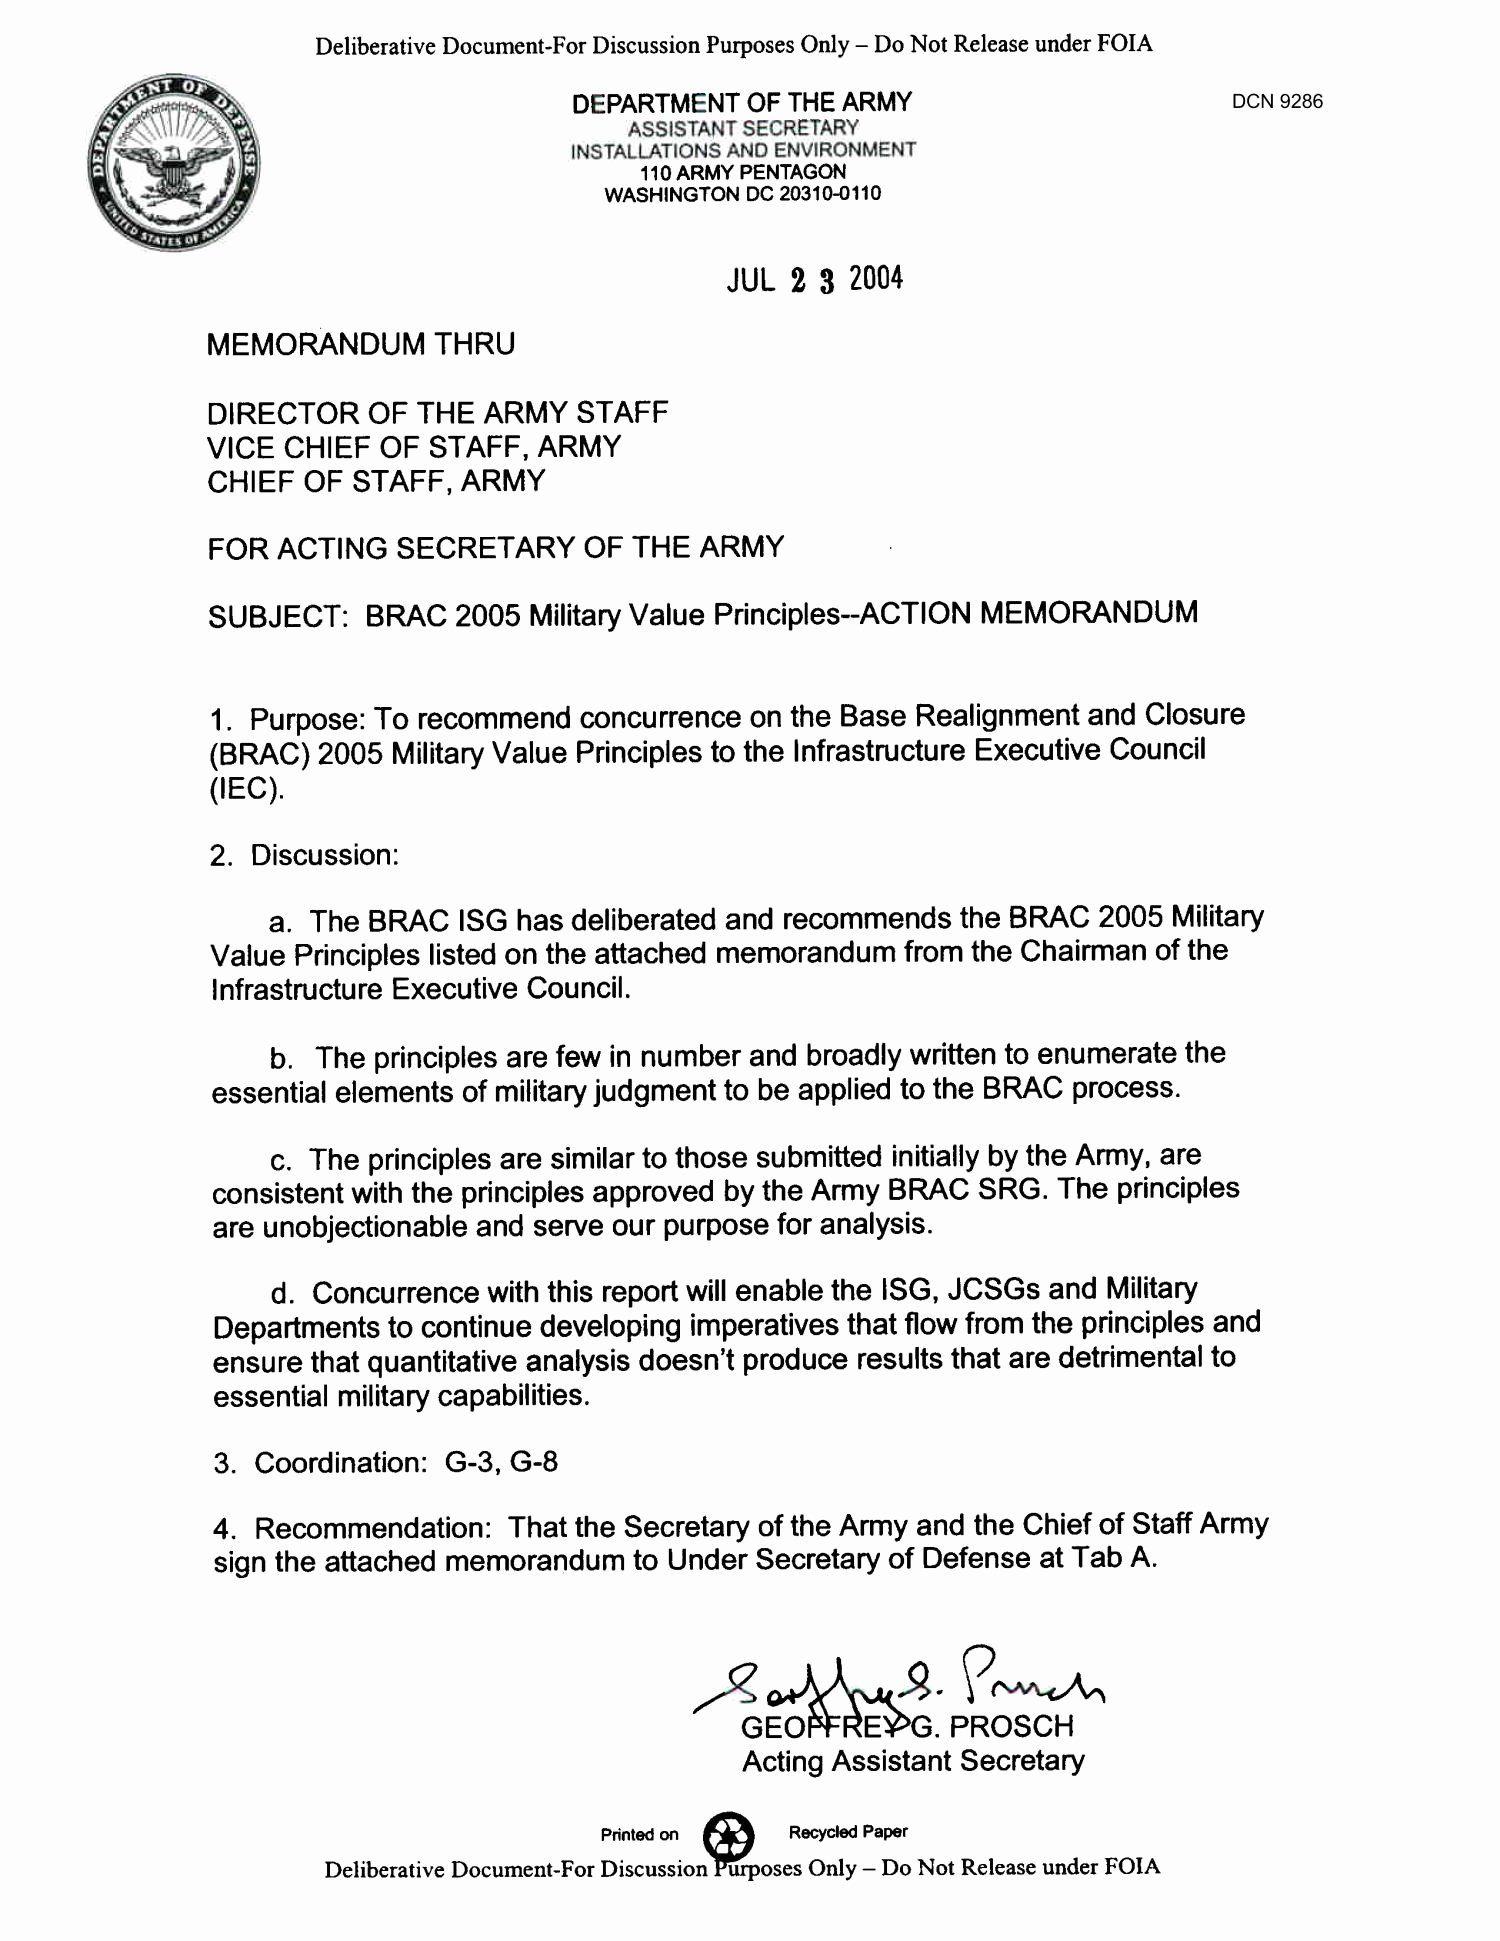 Army memorandum for record template best of memorandum for